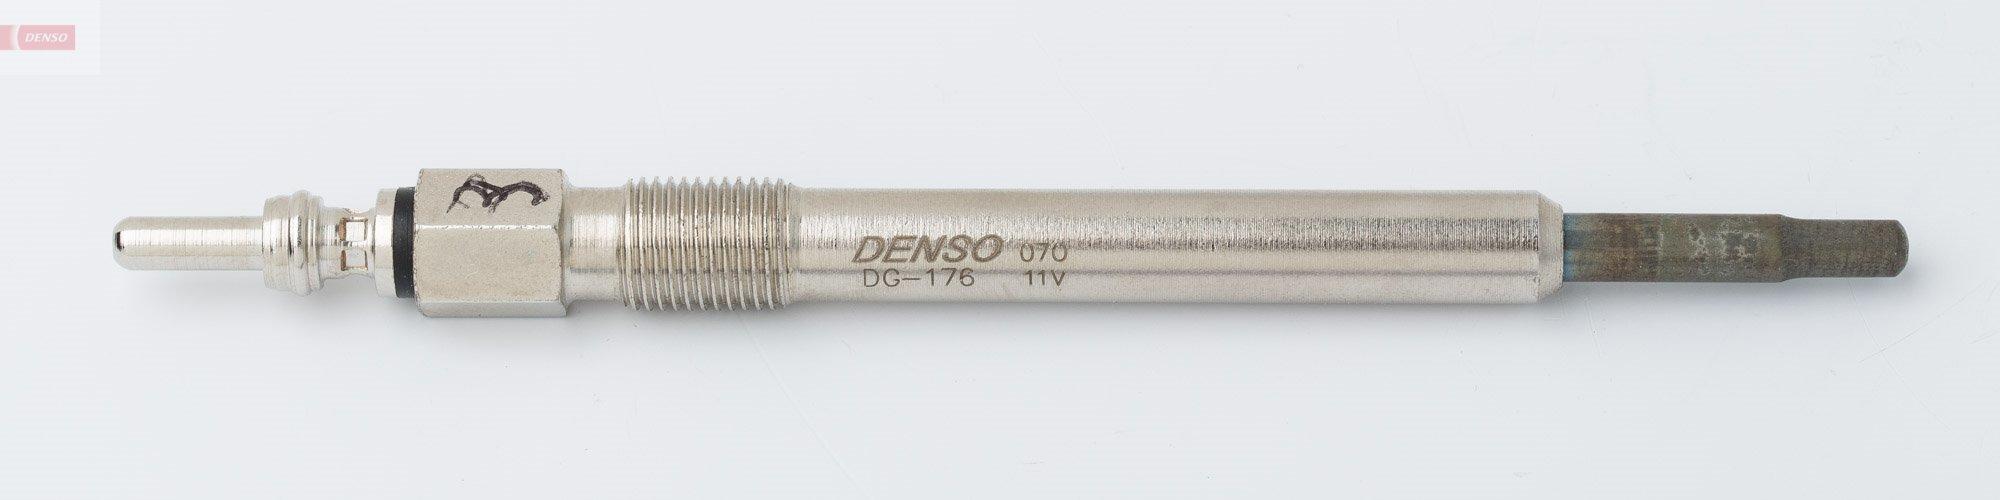 Glühkerze 11,5 V DENSO DG-176 Bild 1